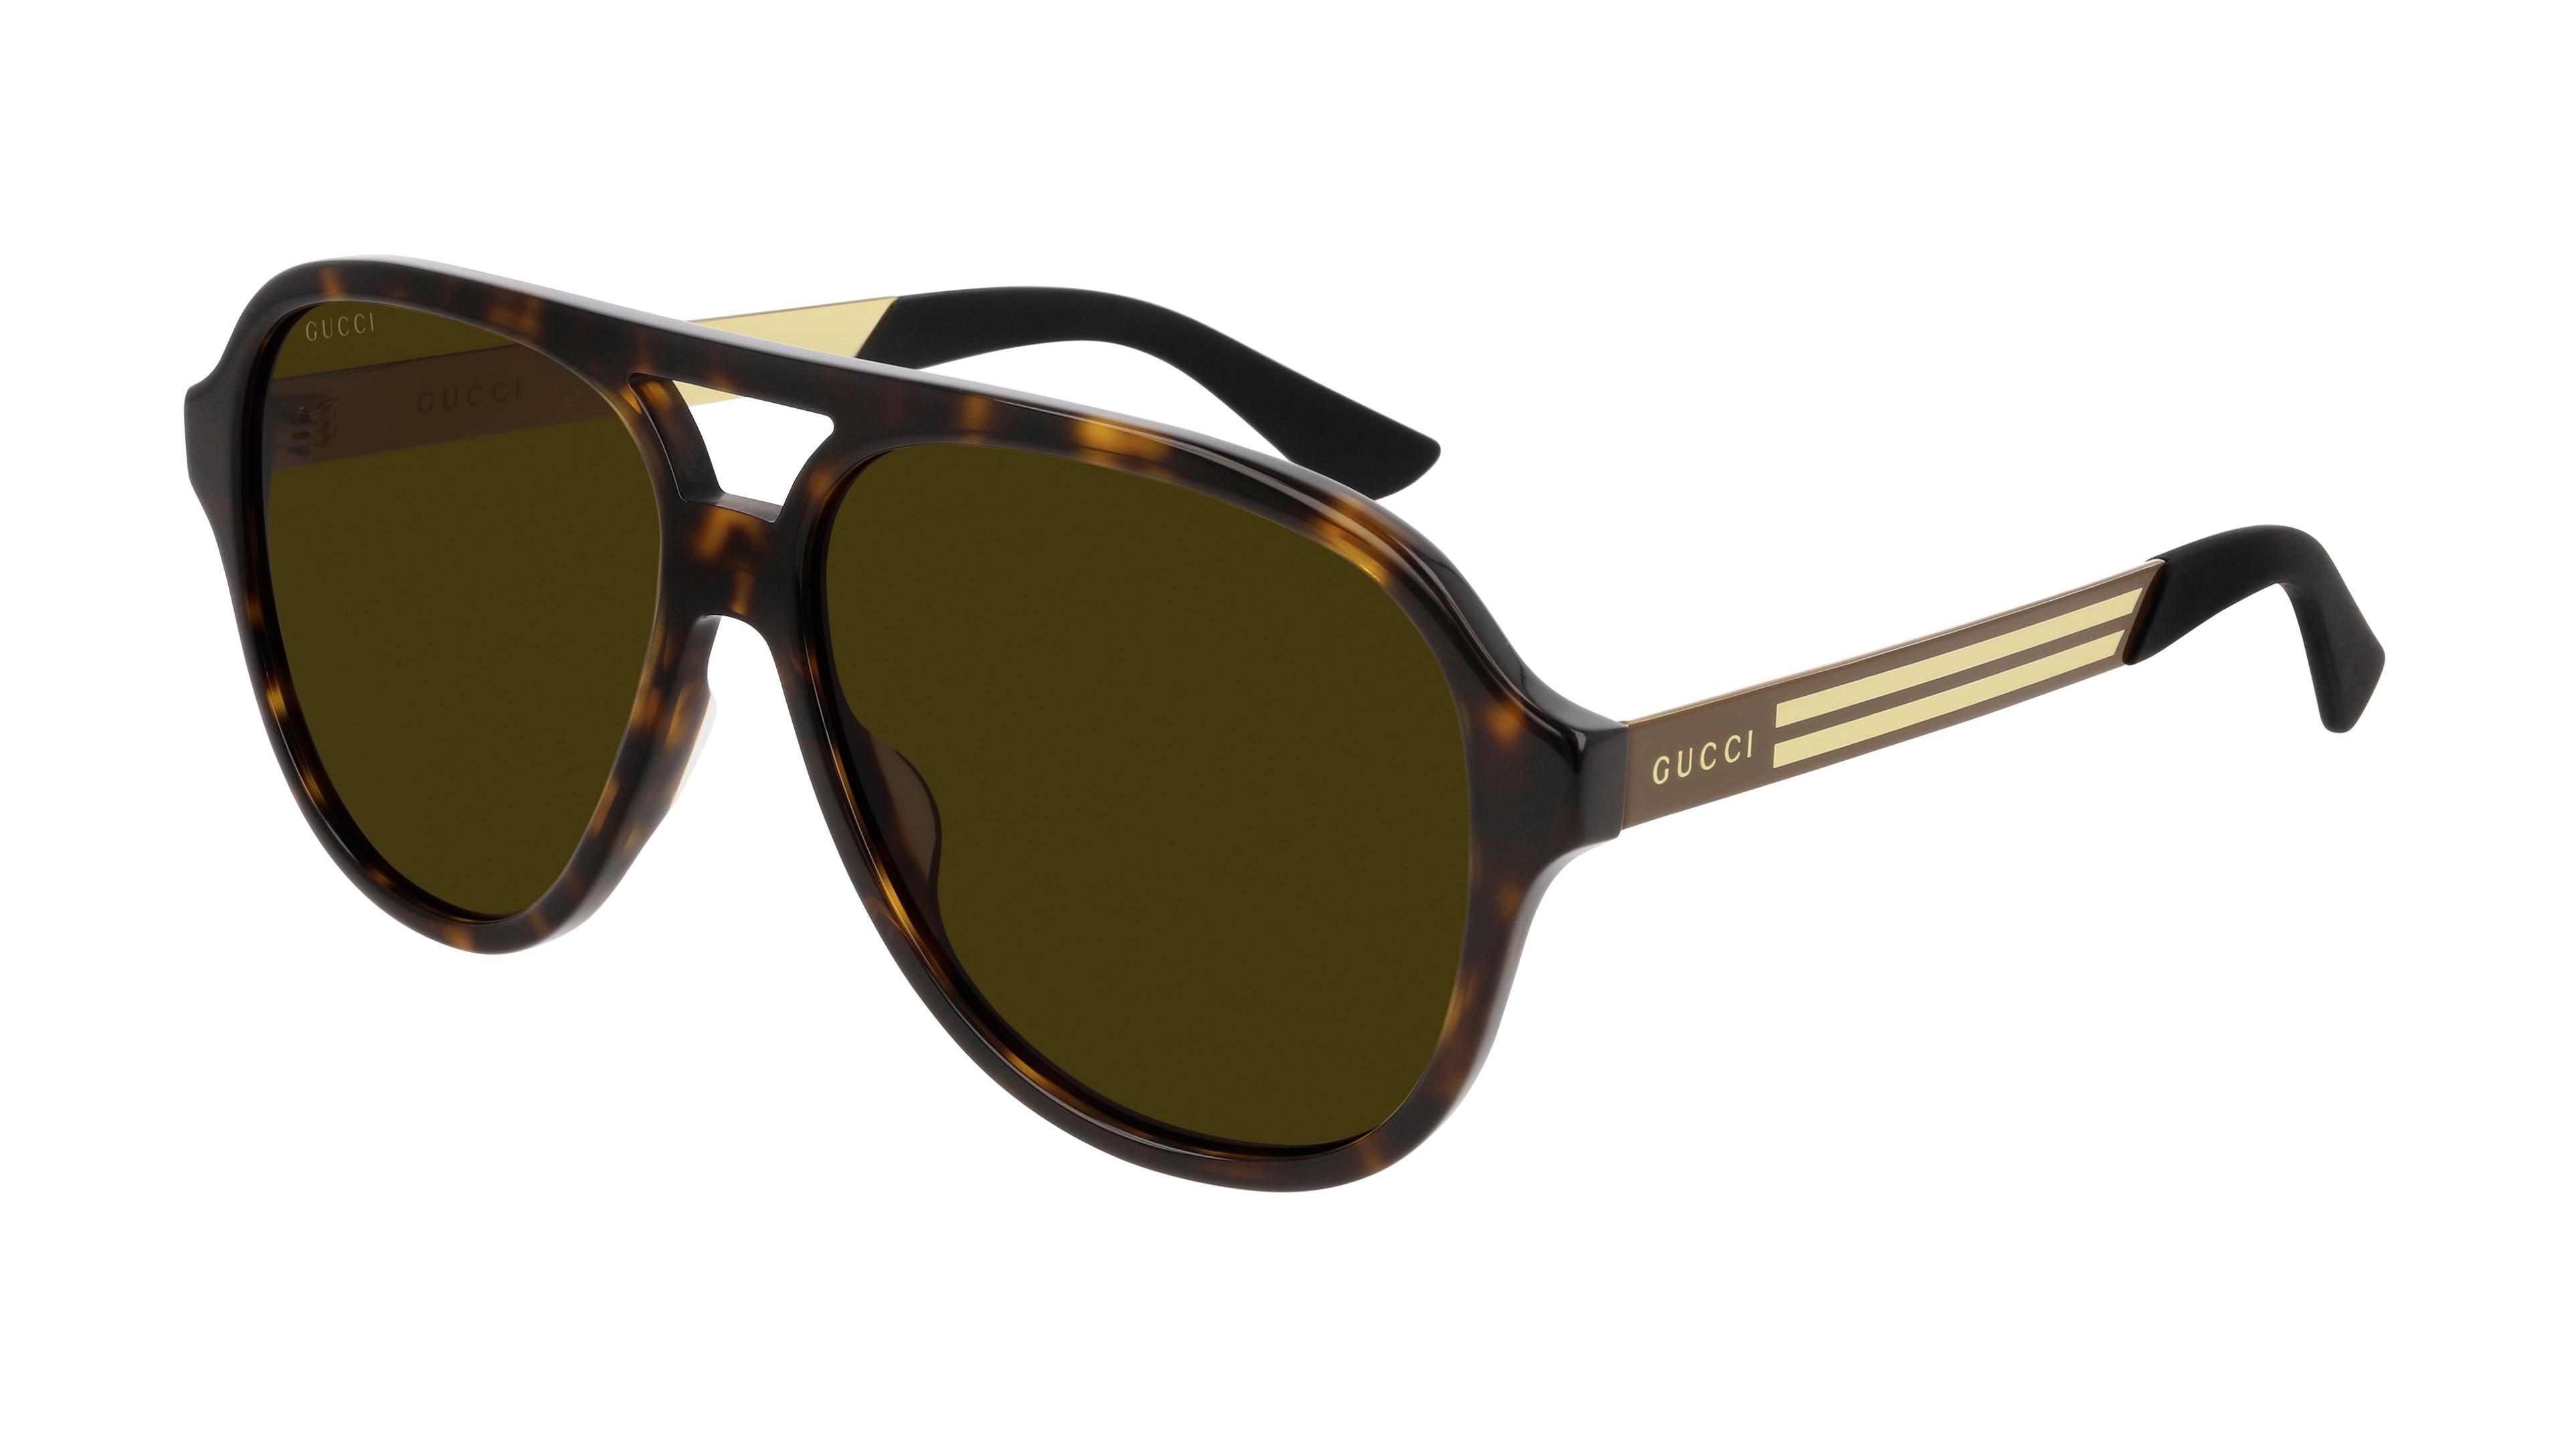 8056376304206-front-Gucci-sunglasses-GG0688S_002